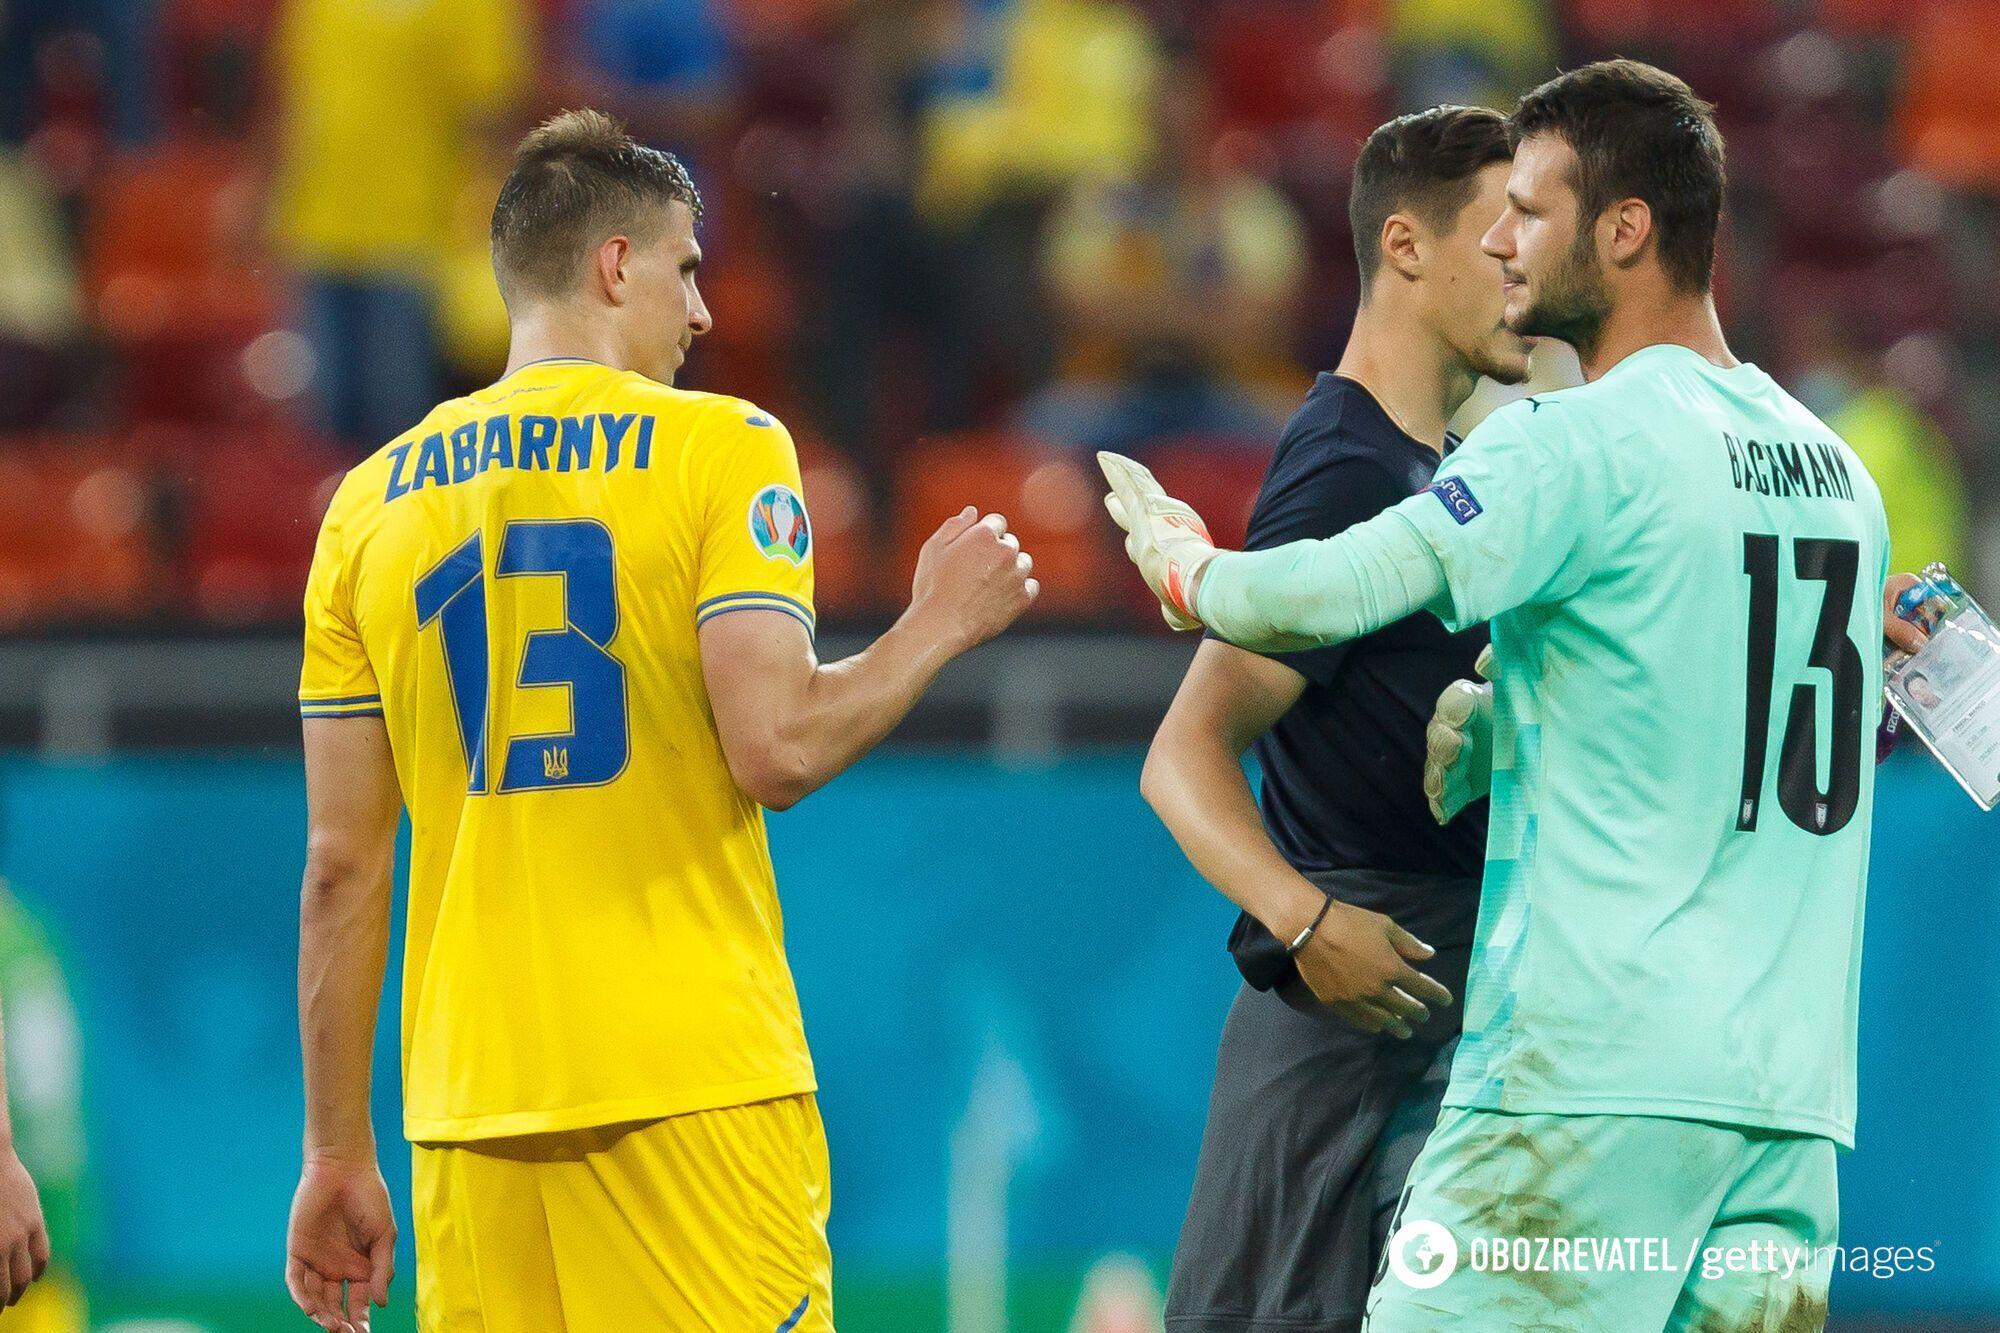 Украинец Забарный после матча с Австрией.